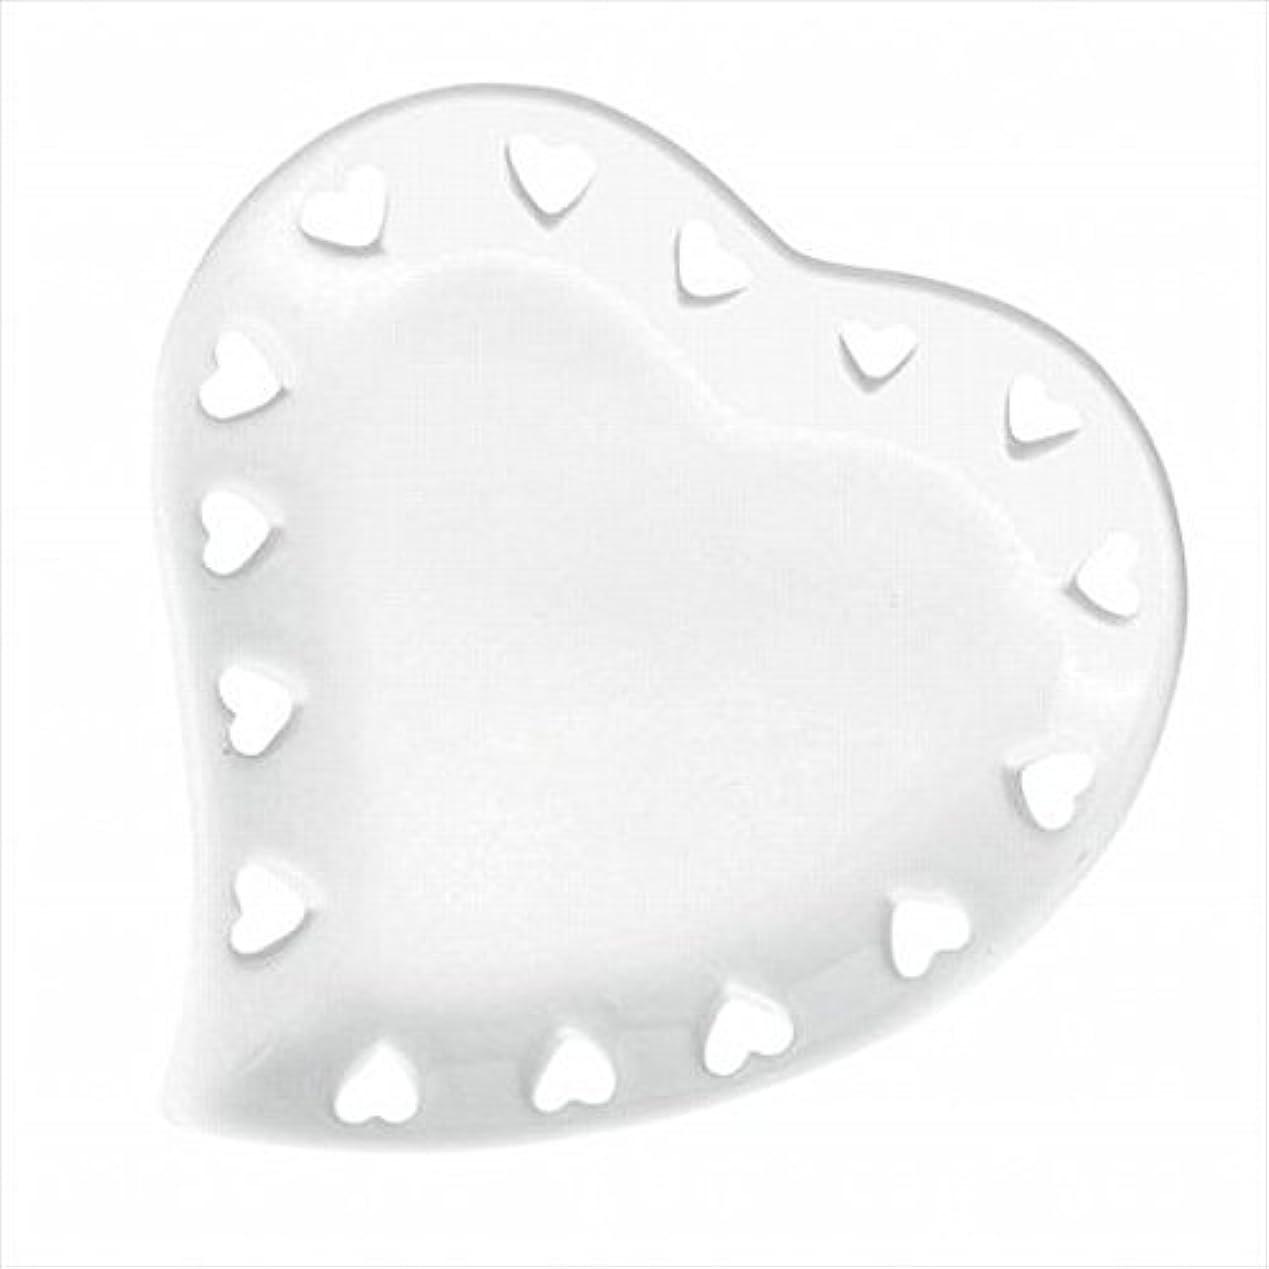 とてもに慣れ浴室kameyama candle(カメヤマキャンドル) ハートプレートS 「 ホワイト 」 キャンドル 122x127x17mm (J1310000W)